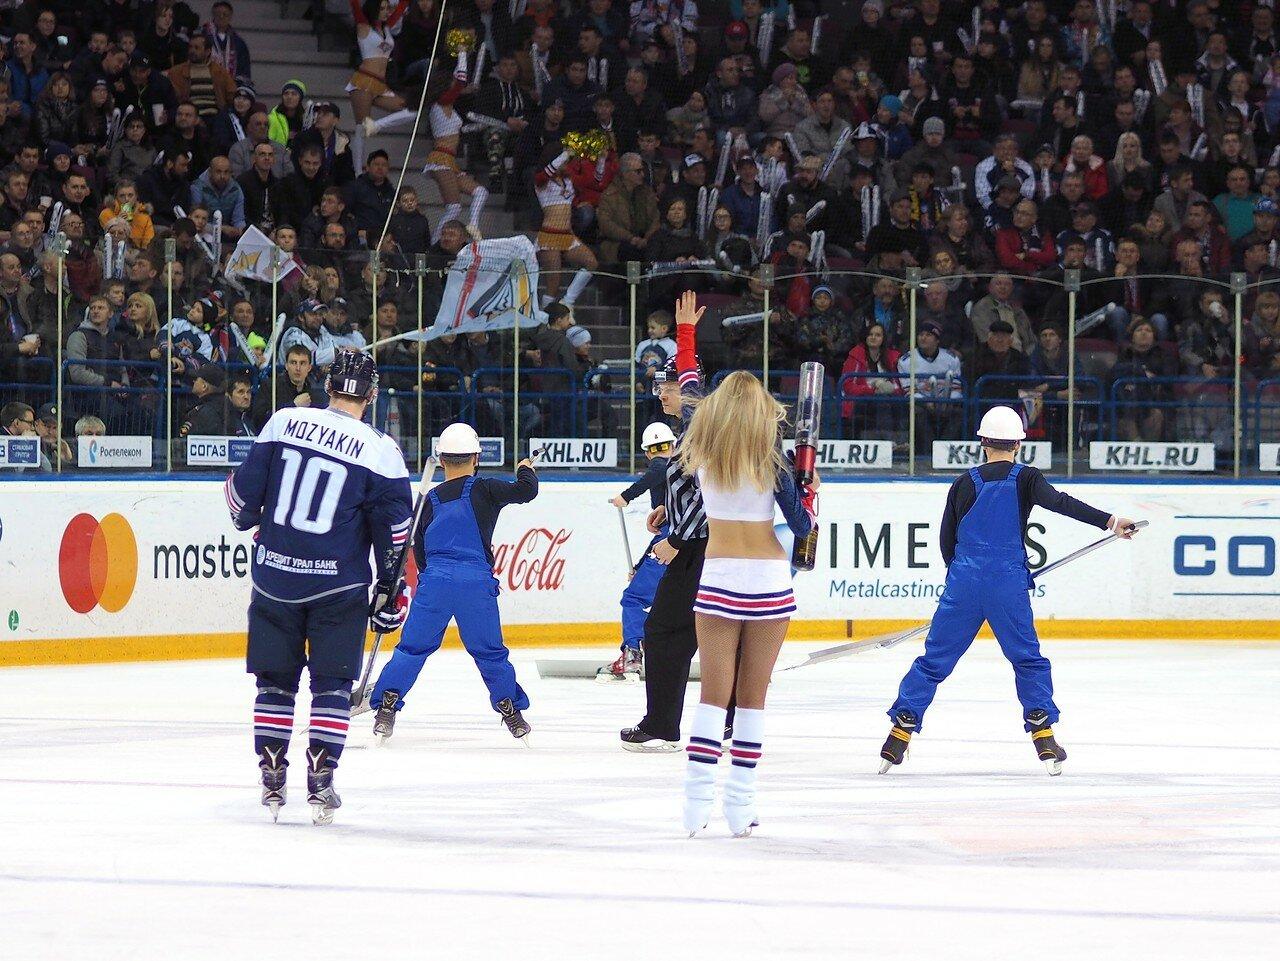 98 Первая игра финала плей-офф восточной конференции 2017 Металлург - АкБарс 24.03.2017